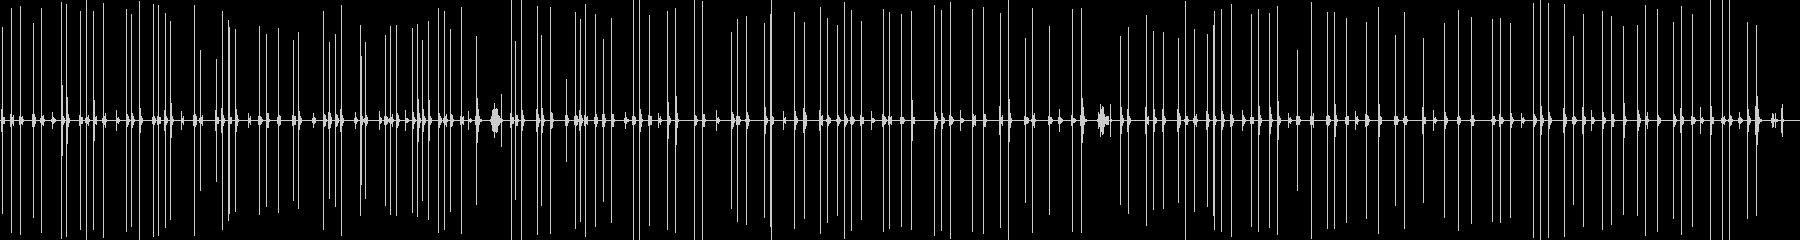 古典的なタイプライターの入力が遅いの未再生の波形